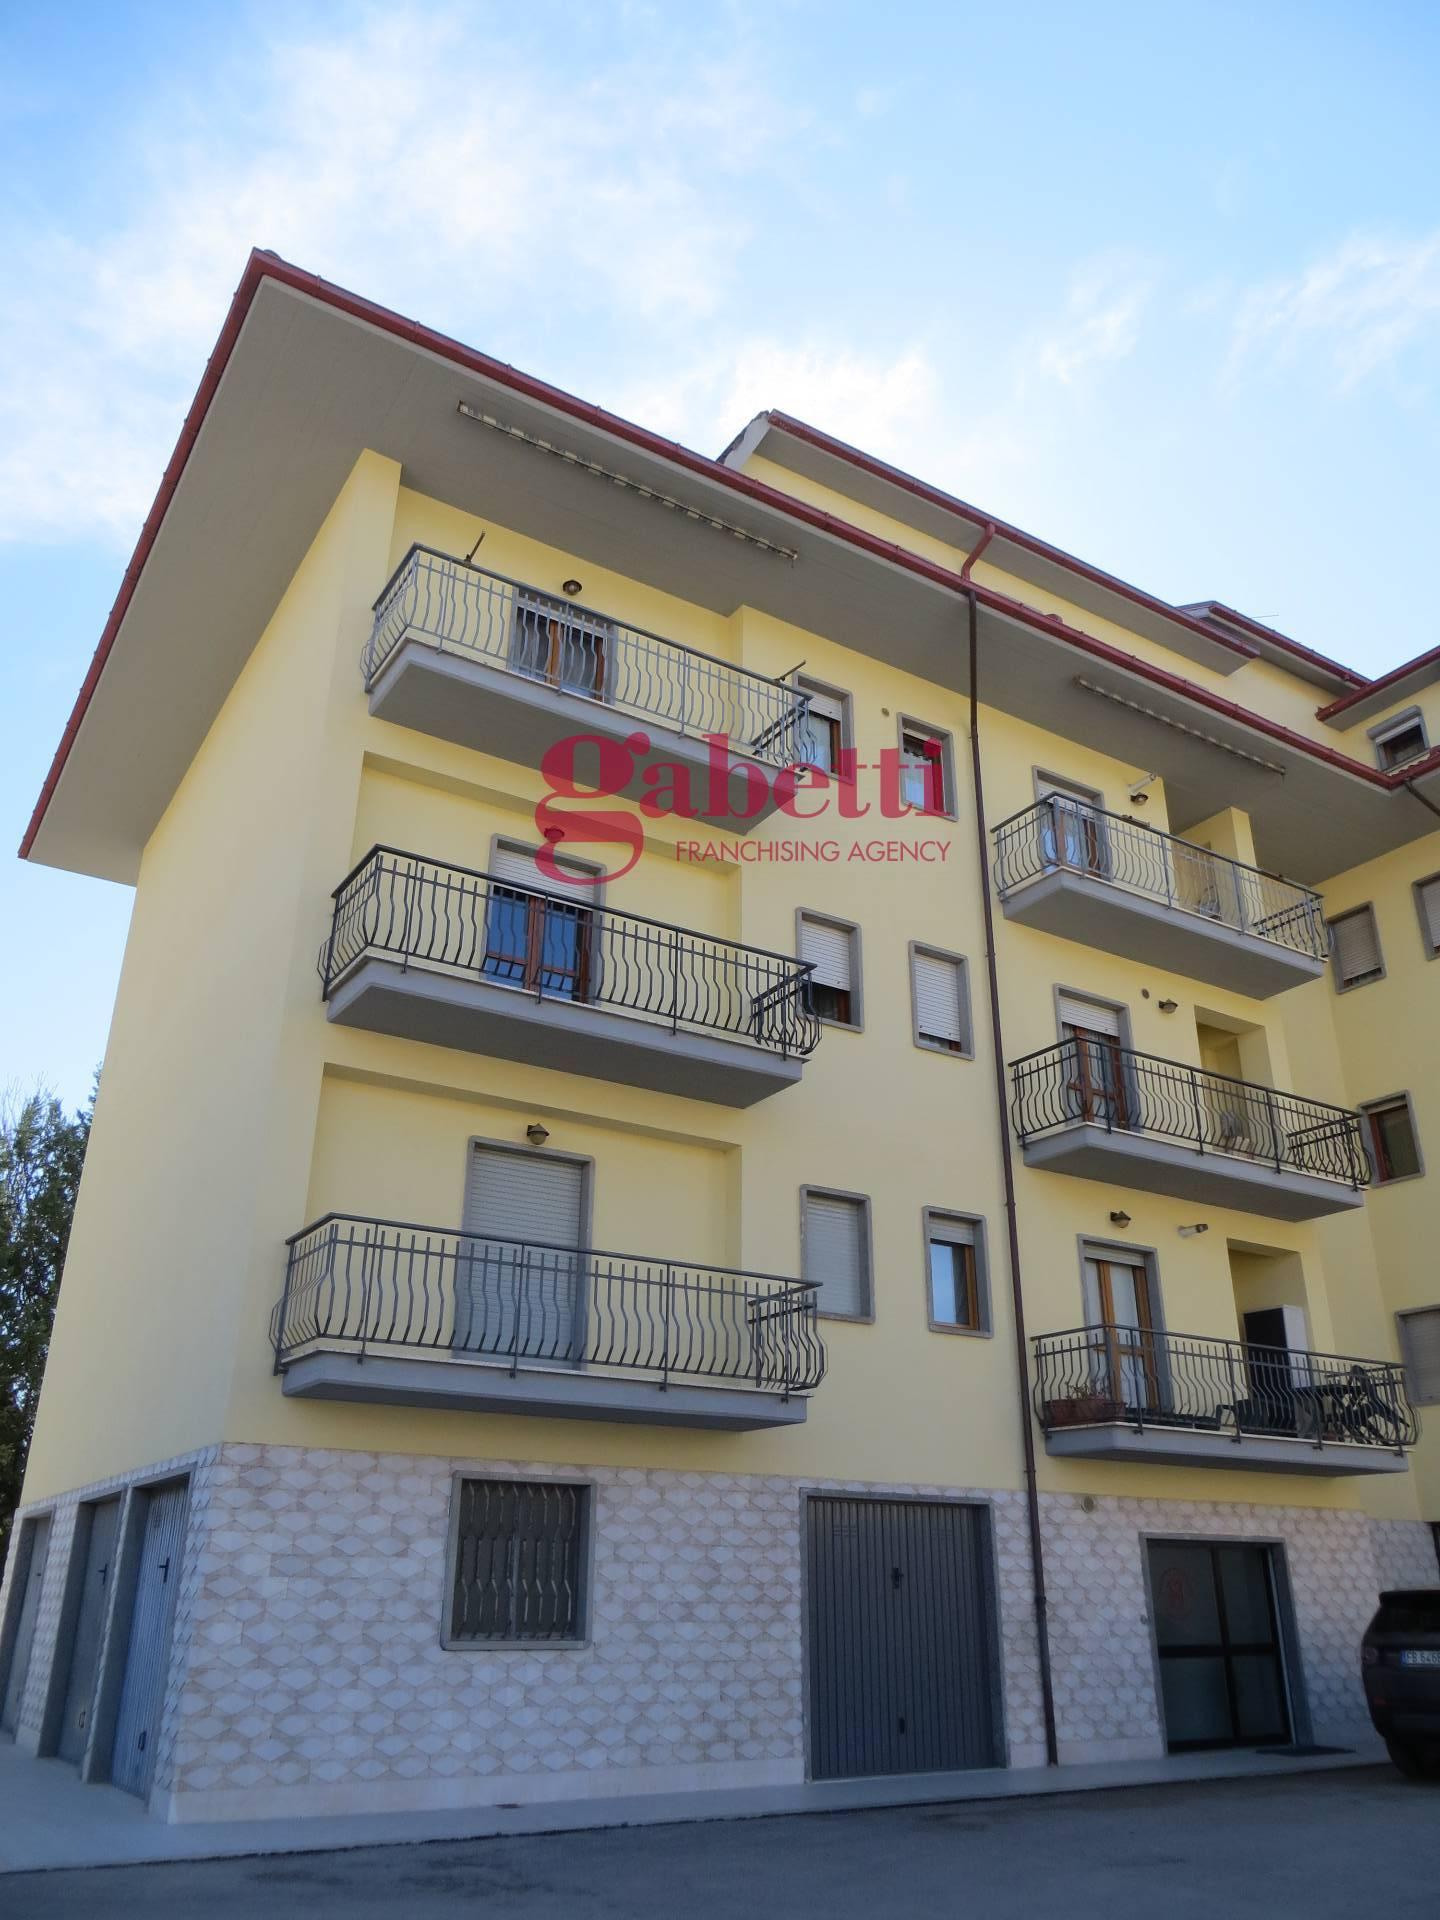 Appartamento in vendita a L'Aquila, 3 locali, zona Località: Torretta, prezzo € 115.000 | PortaleAgenzieImmobiliari.it